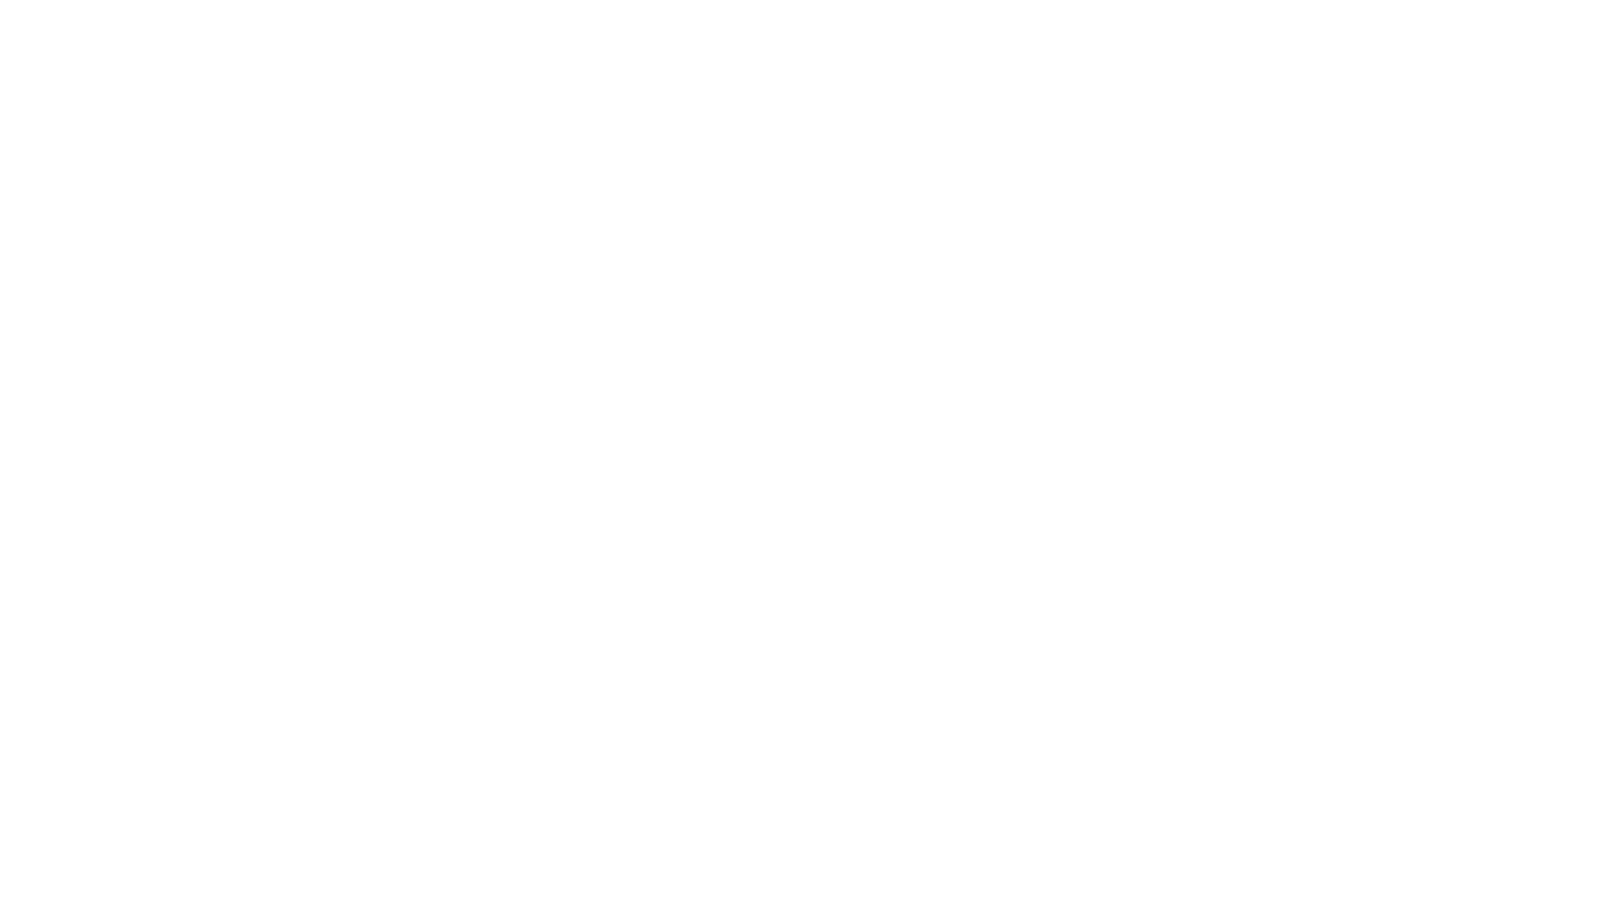 Insighters, con mucho energía y diversión vivimos la entrevista con los ganadores del primer Virtual Lux @paapsnack. Conozcan la estrategia de este gran lanzamiento de producto de la mano de sus líderes.  Agradecemos a Banco del Pacífico por su apoyo para poder llevar a cabo esta dinámica y confiar en las nuevas generaciones de ideas.   ¡Y prepárense insighters, pronto tendremos más categorías!